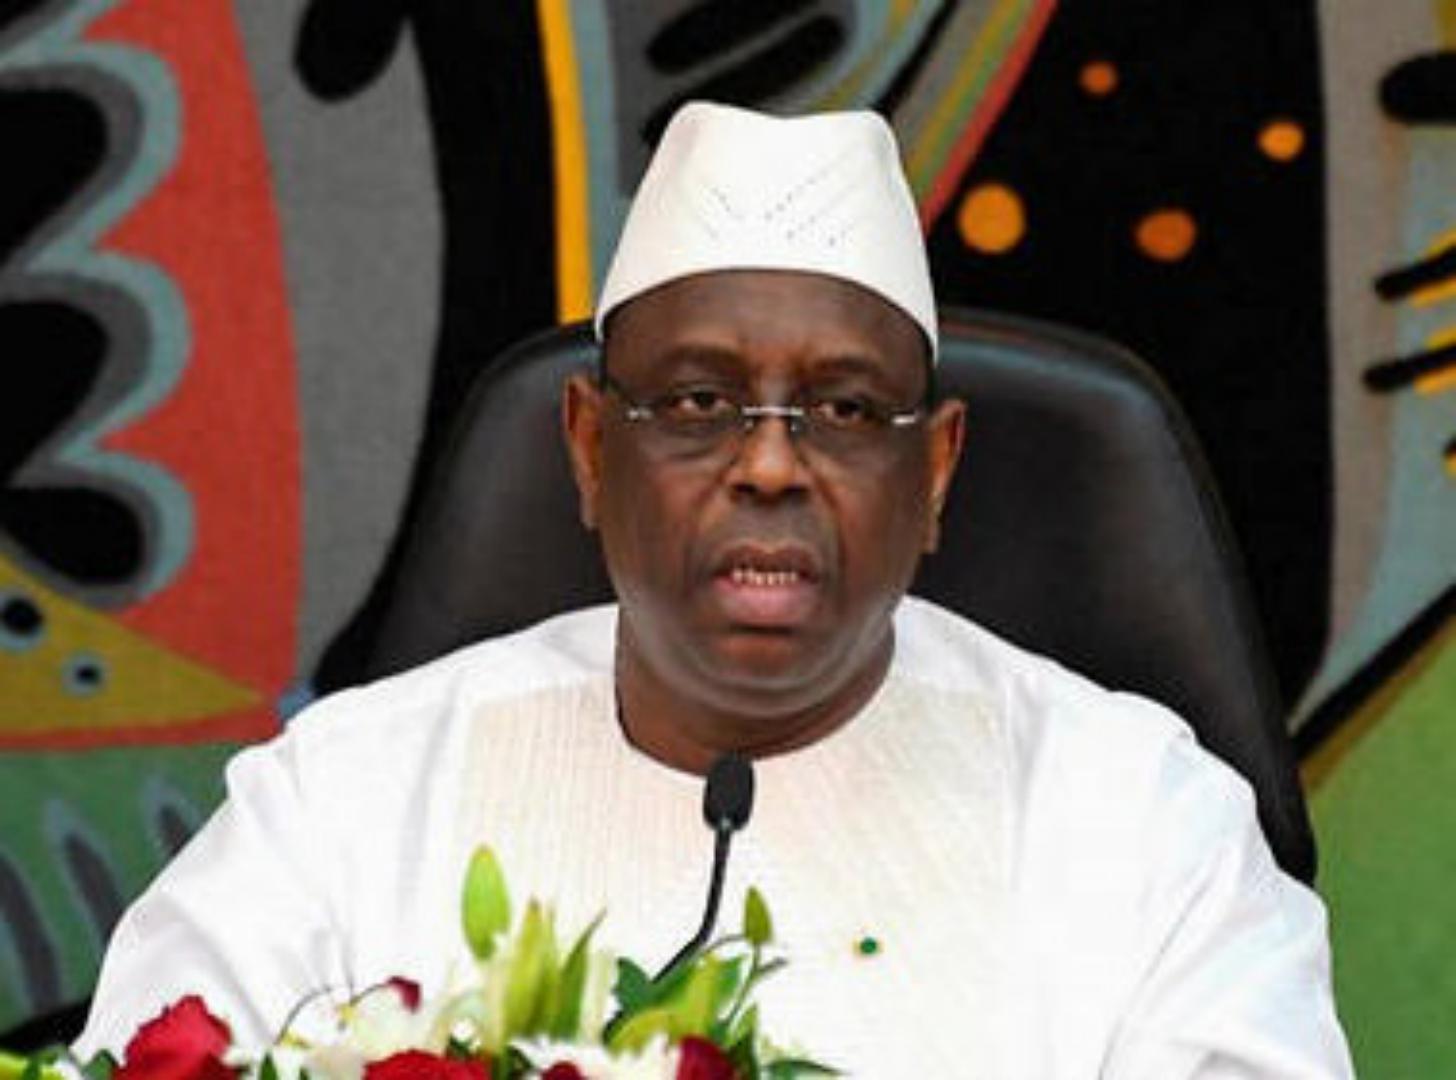 Sénégal : Macky Sall exprime ses condoléances à la presse à la suite du décès de trois journalistes dans un accident